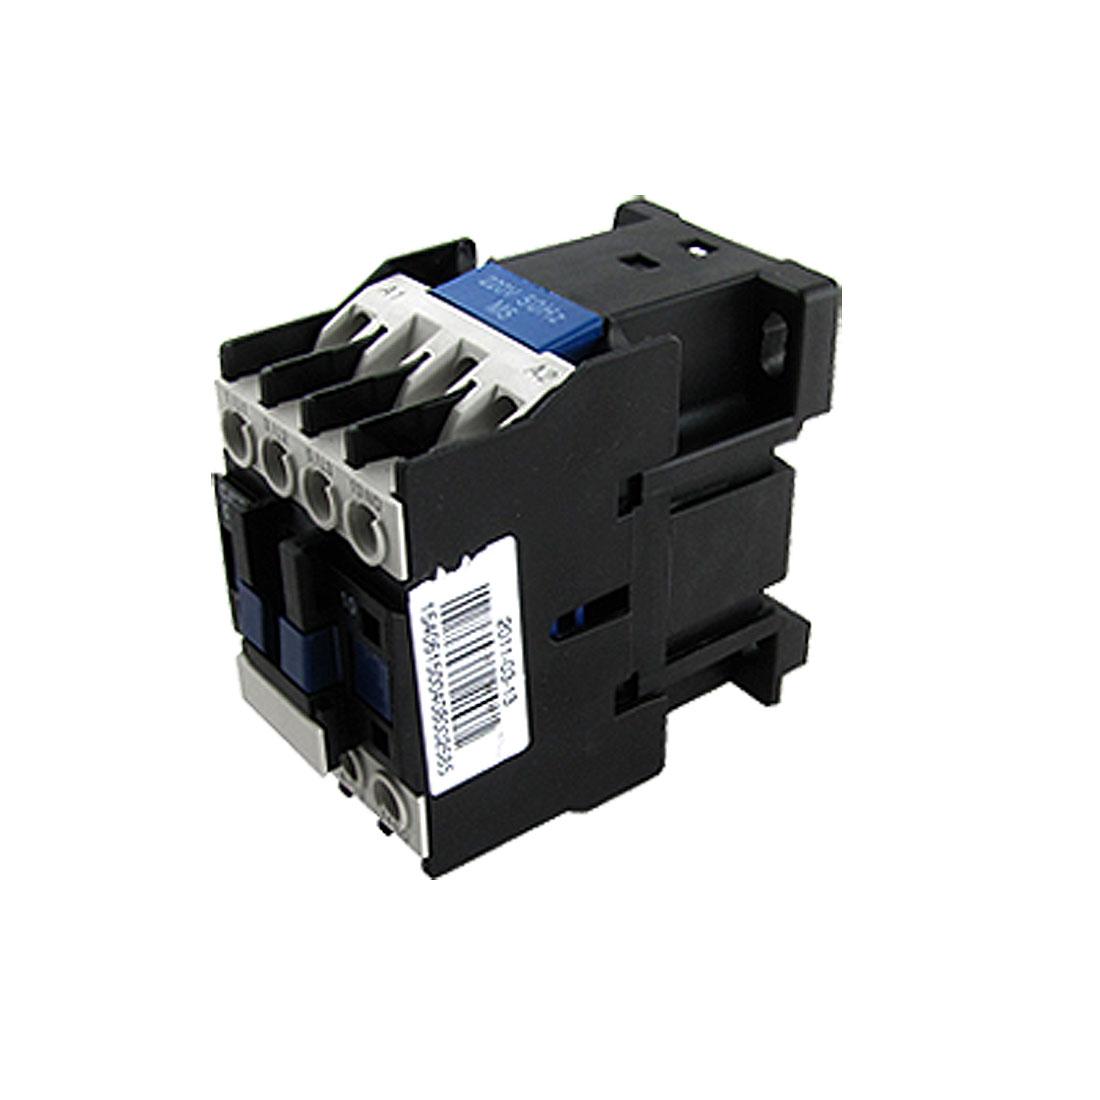 Motor Control AC Contactor 9A 3 Pole 1NO 220V 50Hz Coil CJX2-0910